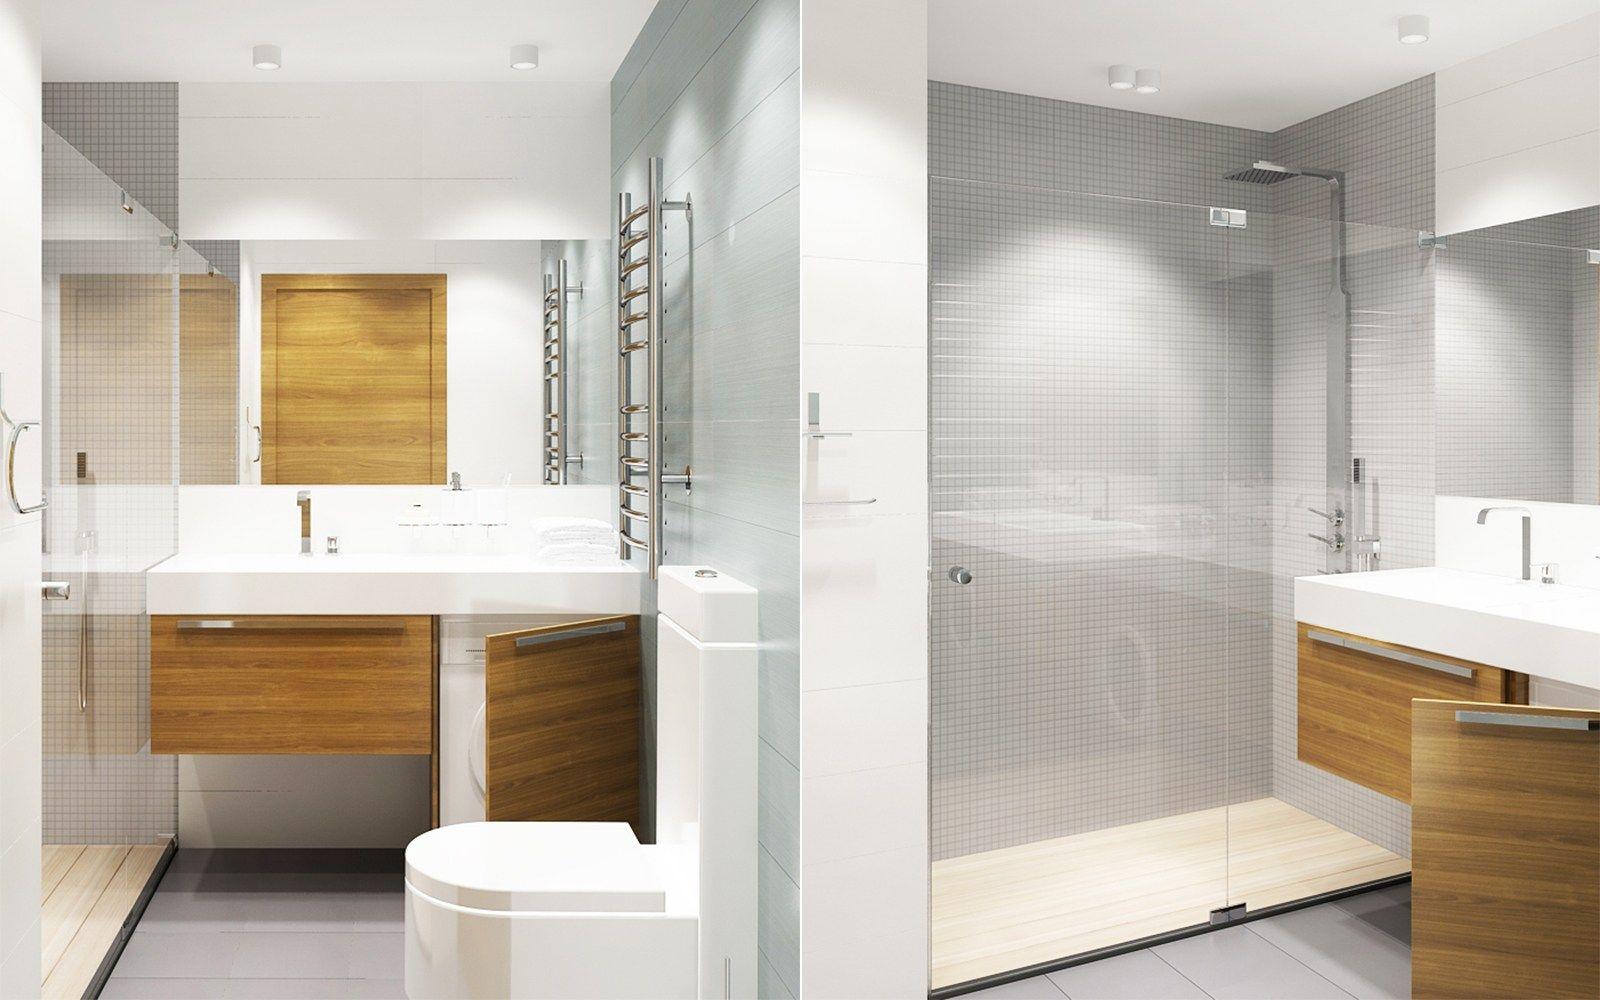 Moderne Kleine Badezimmer Ideen Moderne Kleine Badezimmer Ideen